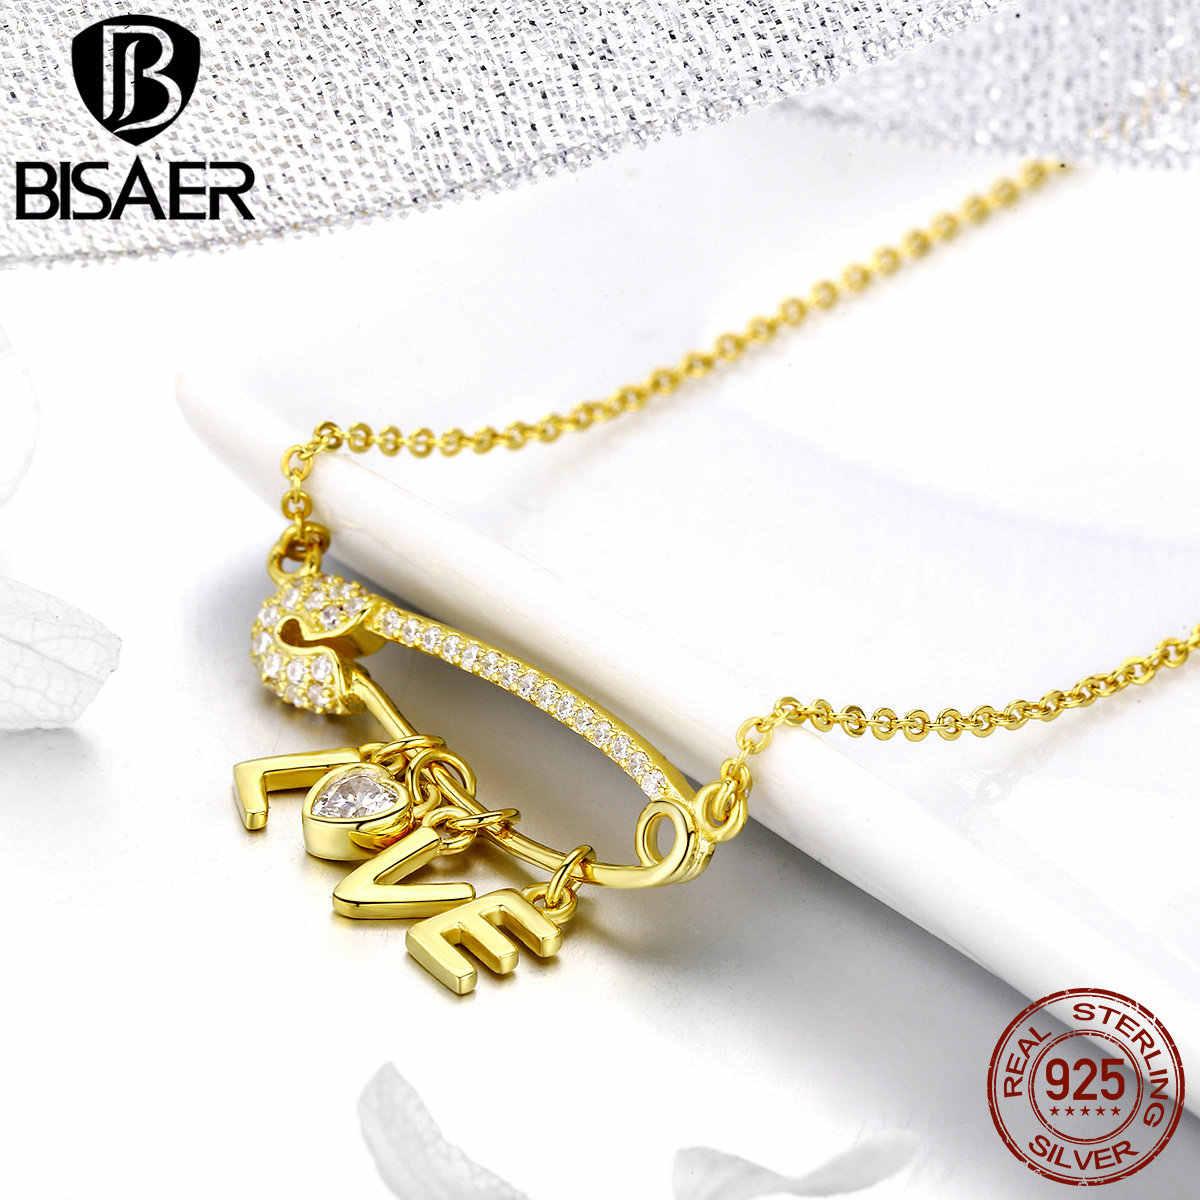 BISAER 100% 925 пробы серебряный воротник романтический любовный с буквами Подвески Золотой Цвет Любовь Ожерелья для женщин Роскошные ювелирные изделия ECN324